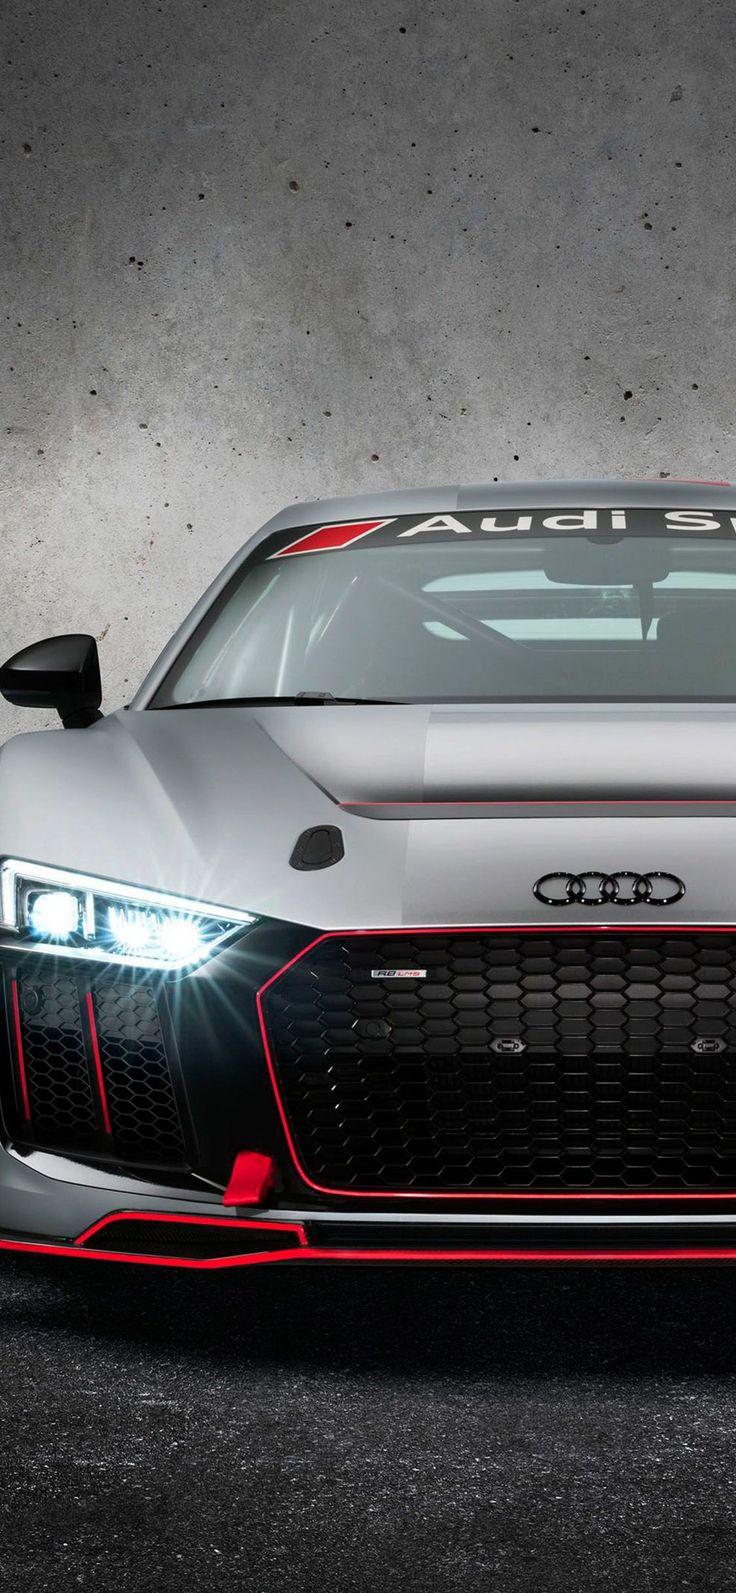 Iphone Xr Wallpaper 4k Car Audi R8 Wallpaper Audi R8 Audi